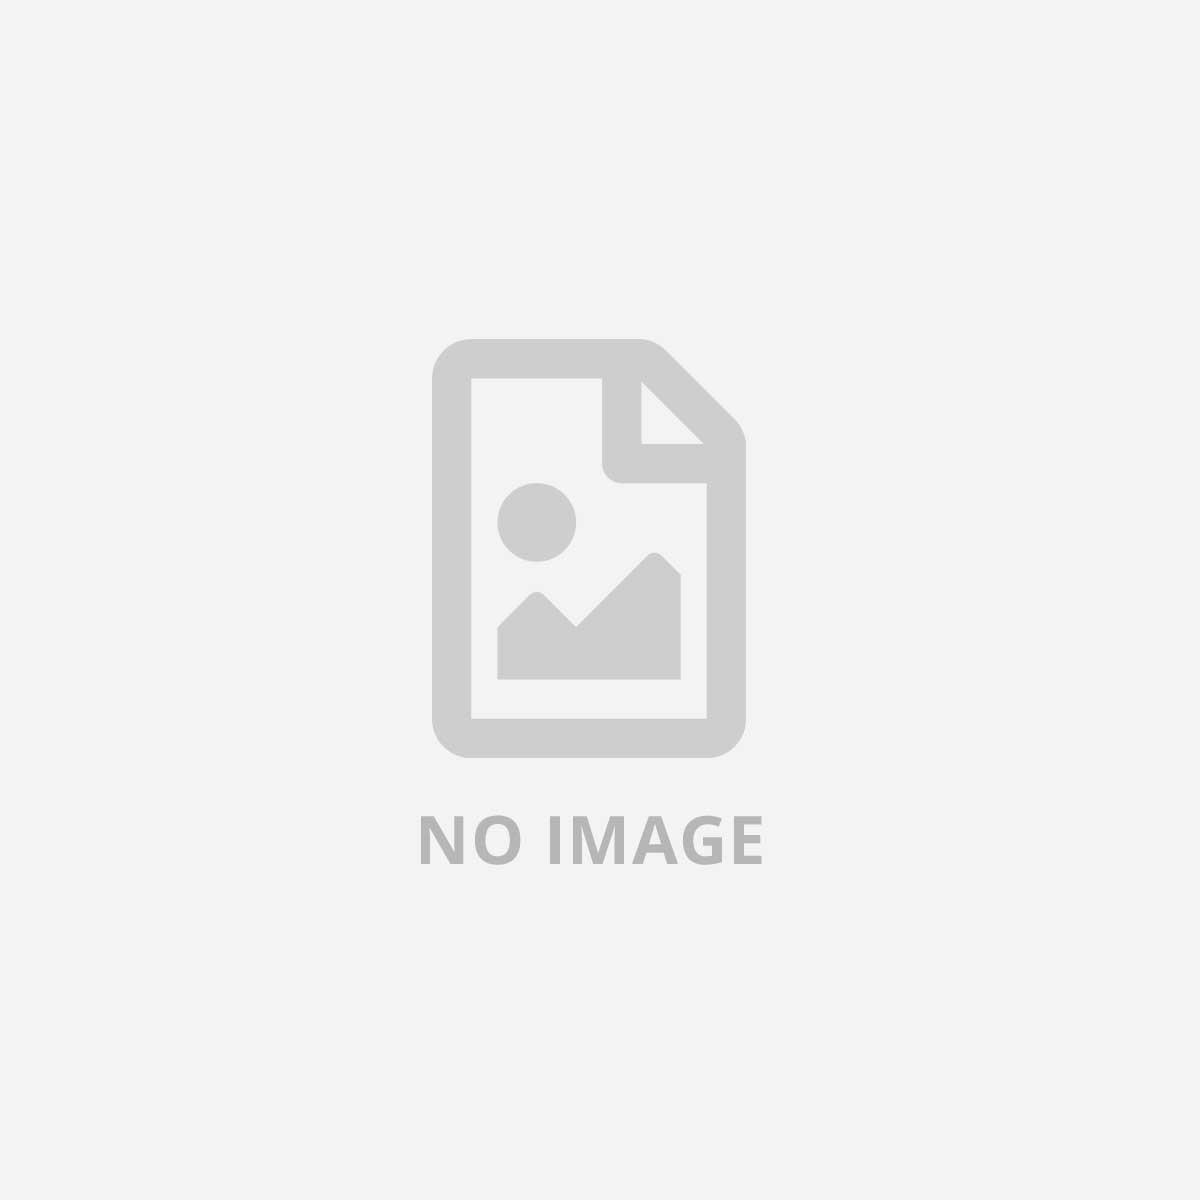 I-CAN T370 ZAPPER BACK HD T2 HEVC PLAYREC